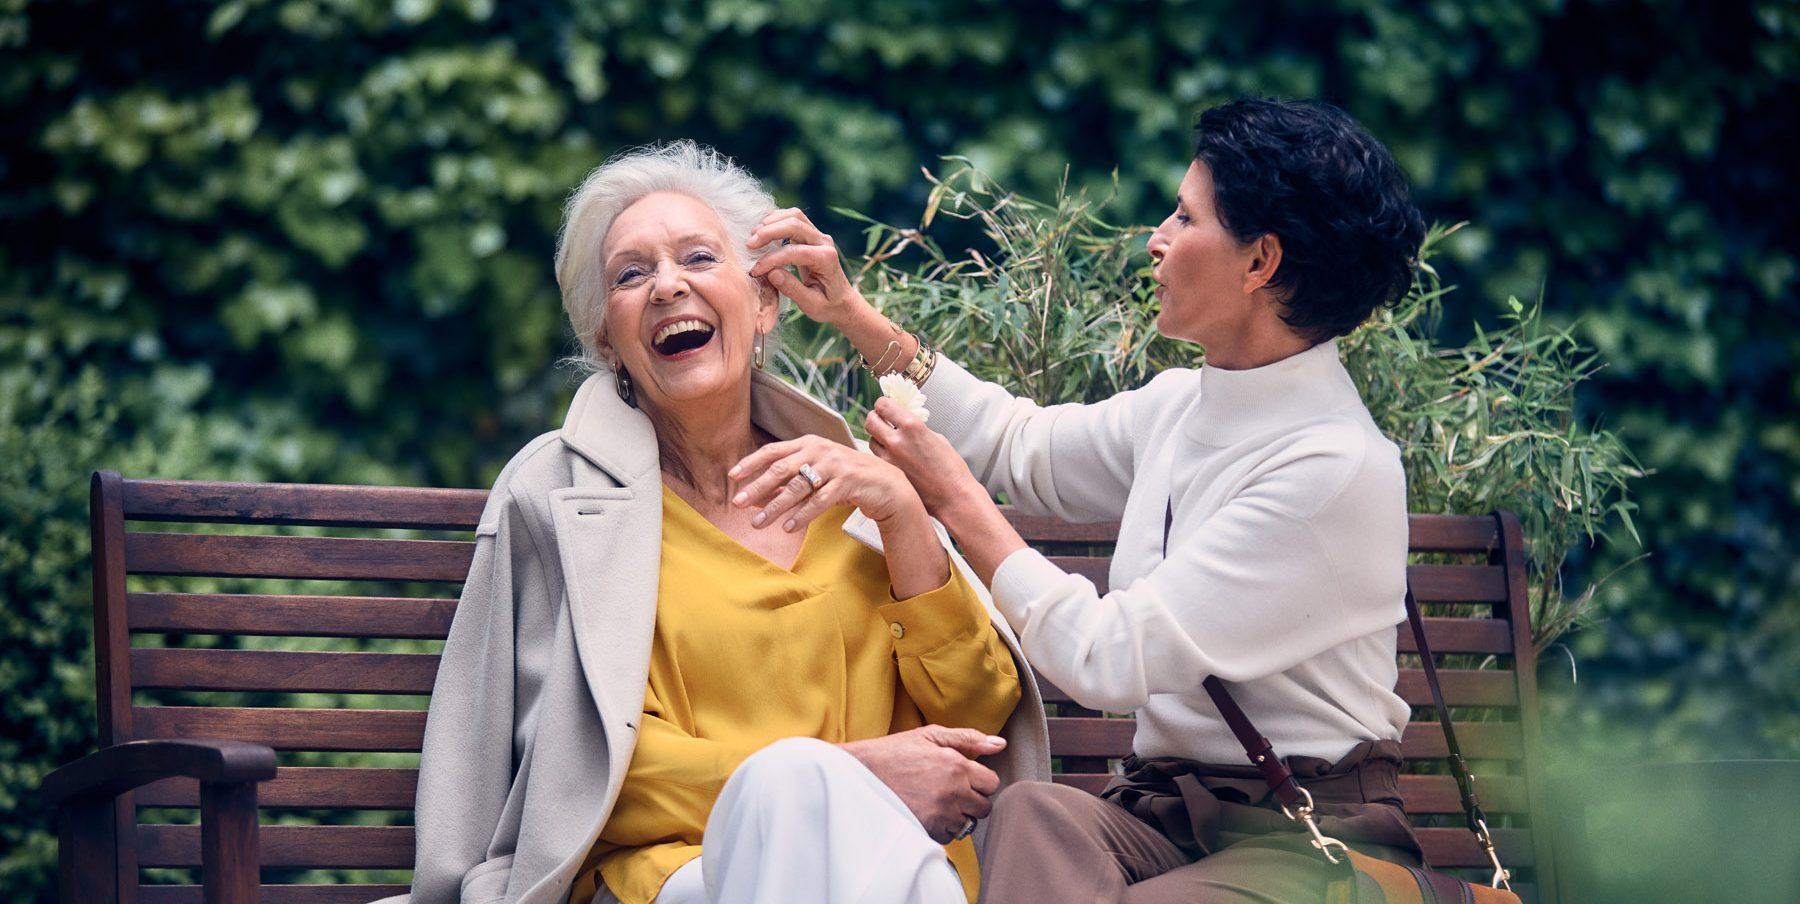 Zwei ältere Frauen die gemeinsam auf einer Parkbank sitzen und lachen